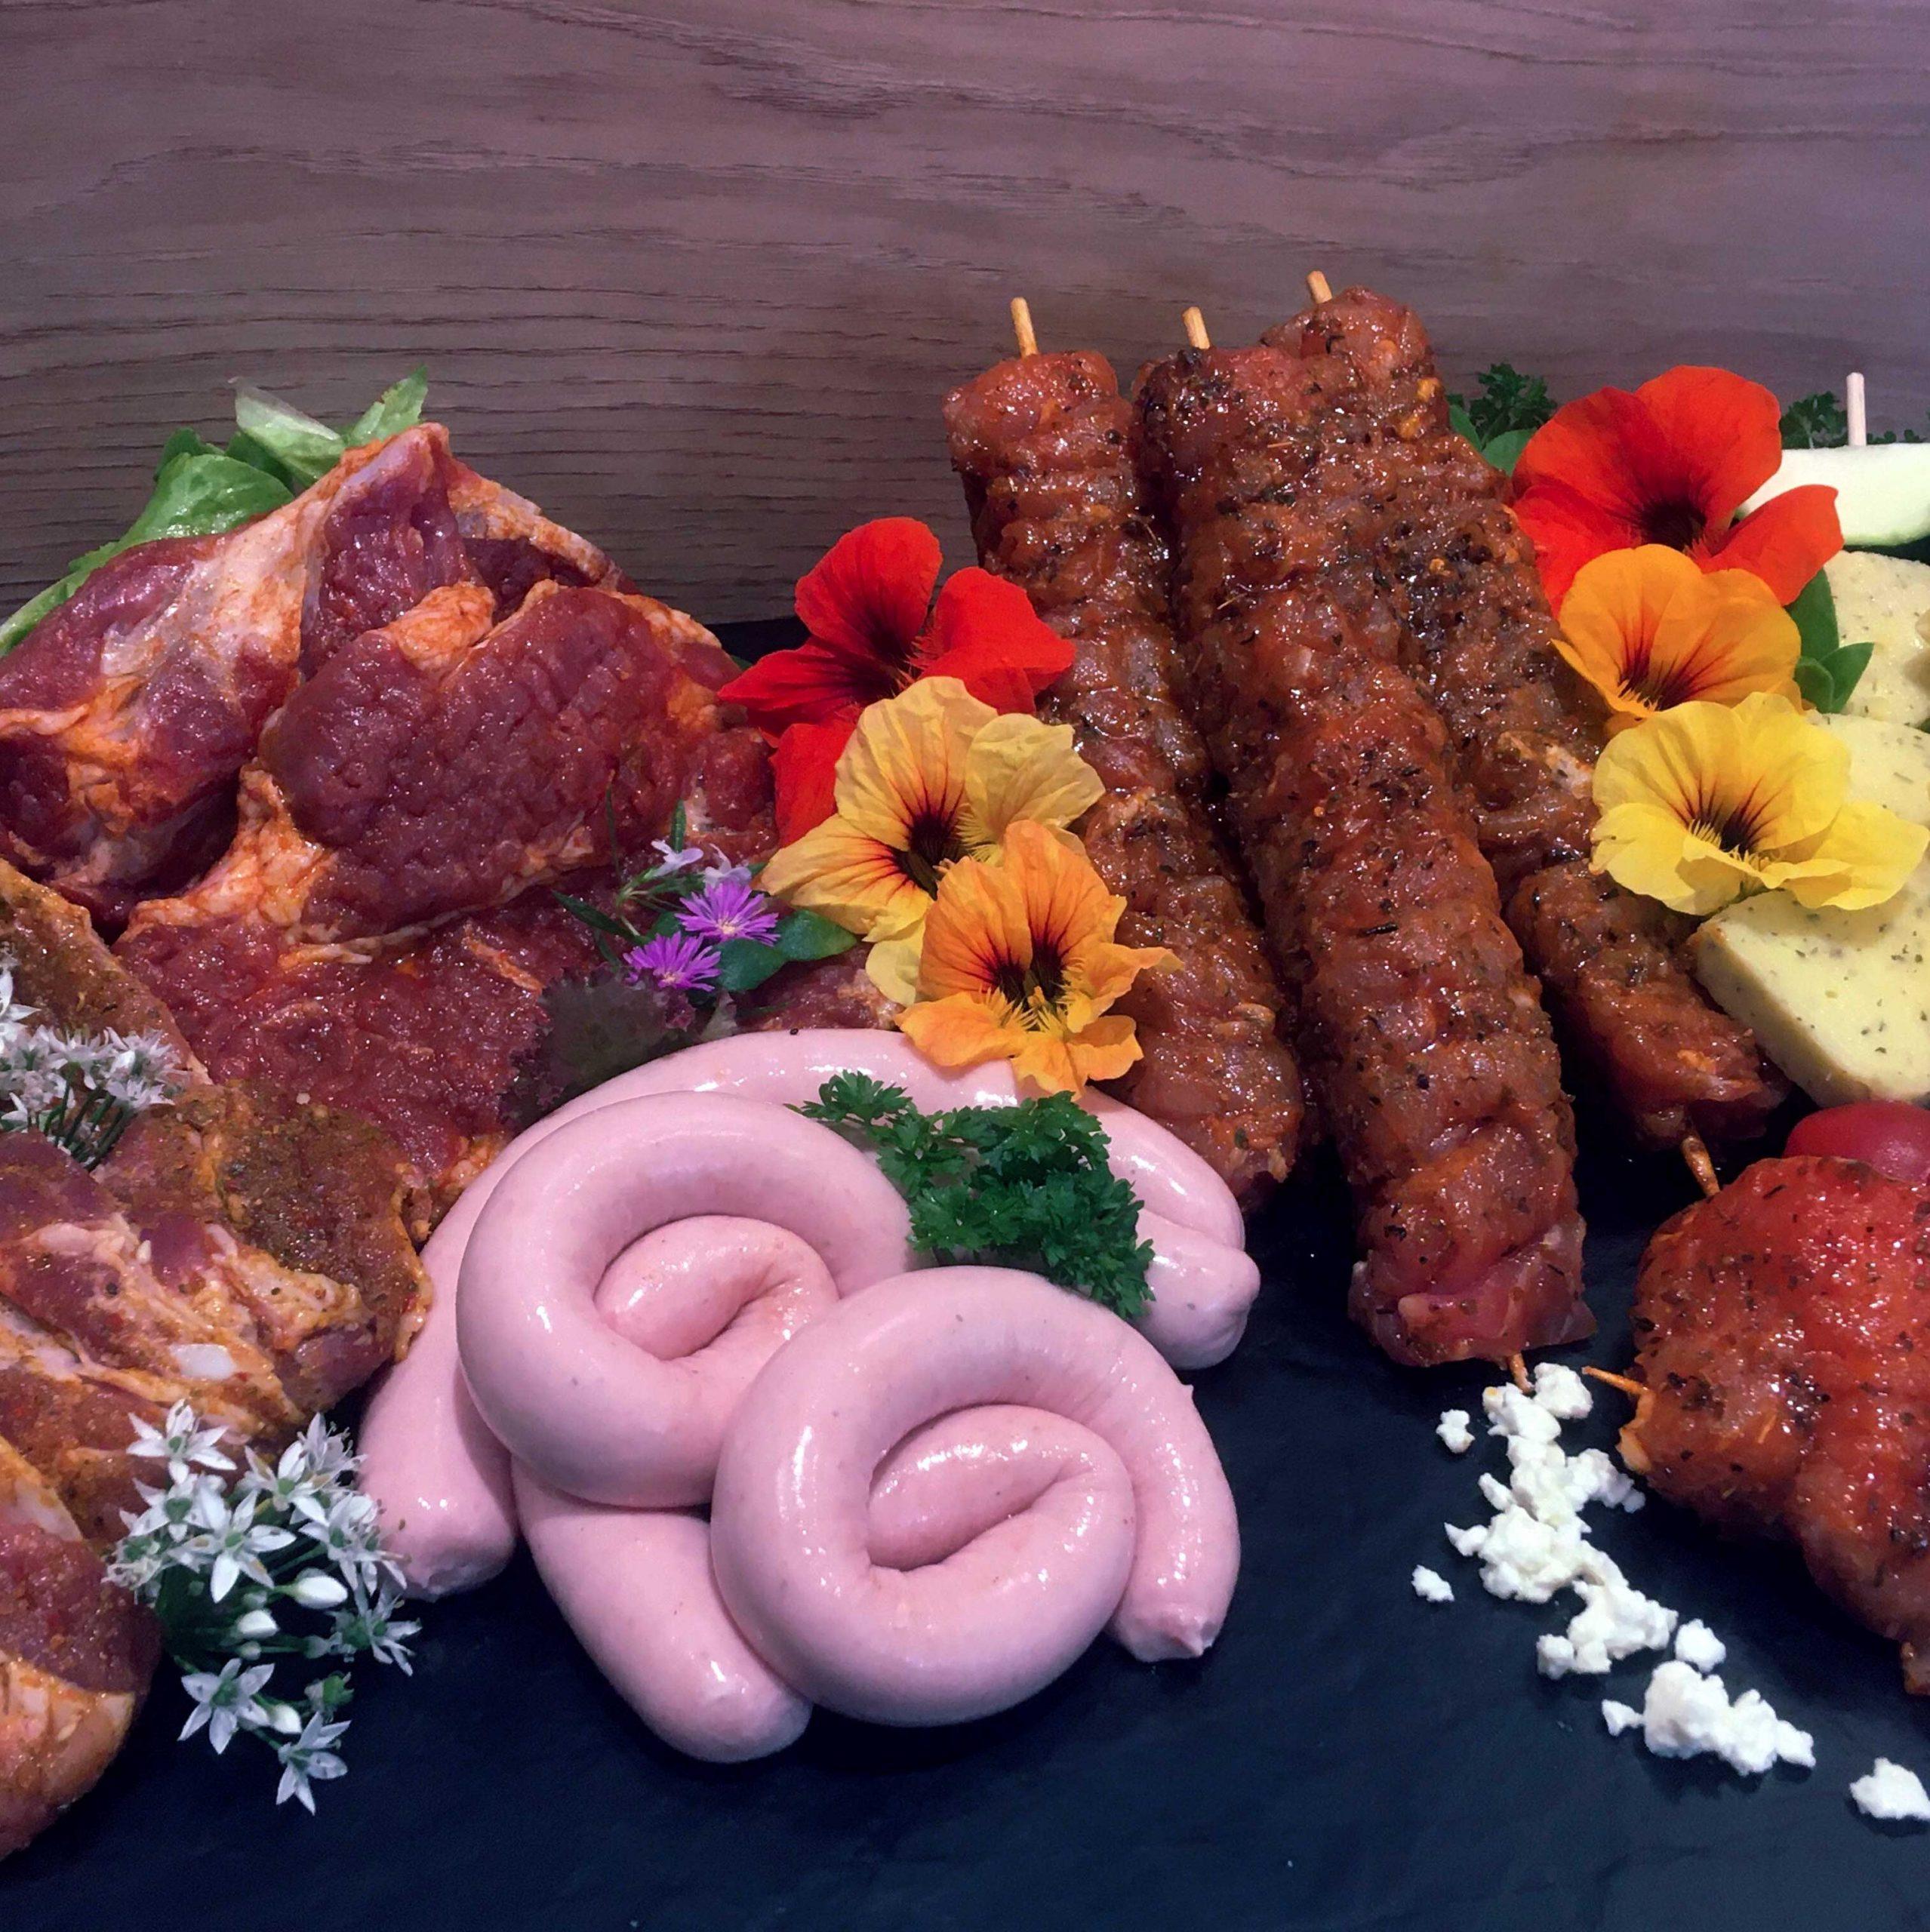 Eine Platte mit Grillspezialitäten, Bratwurst, Steak und co.